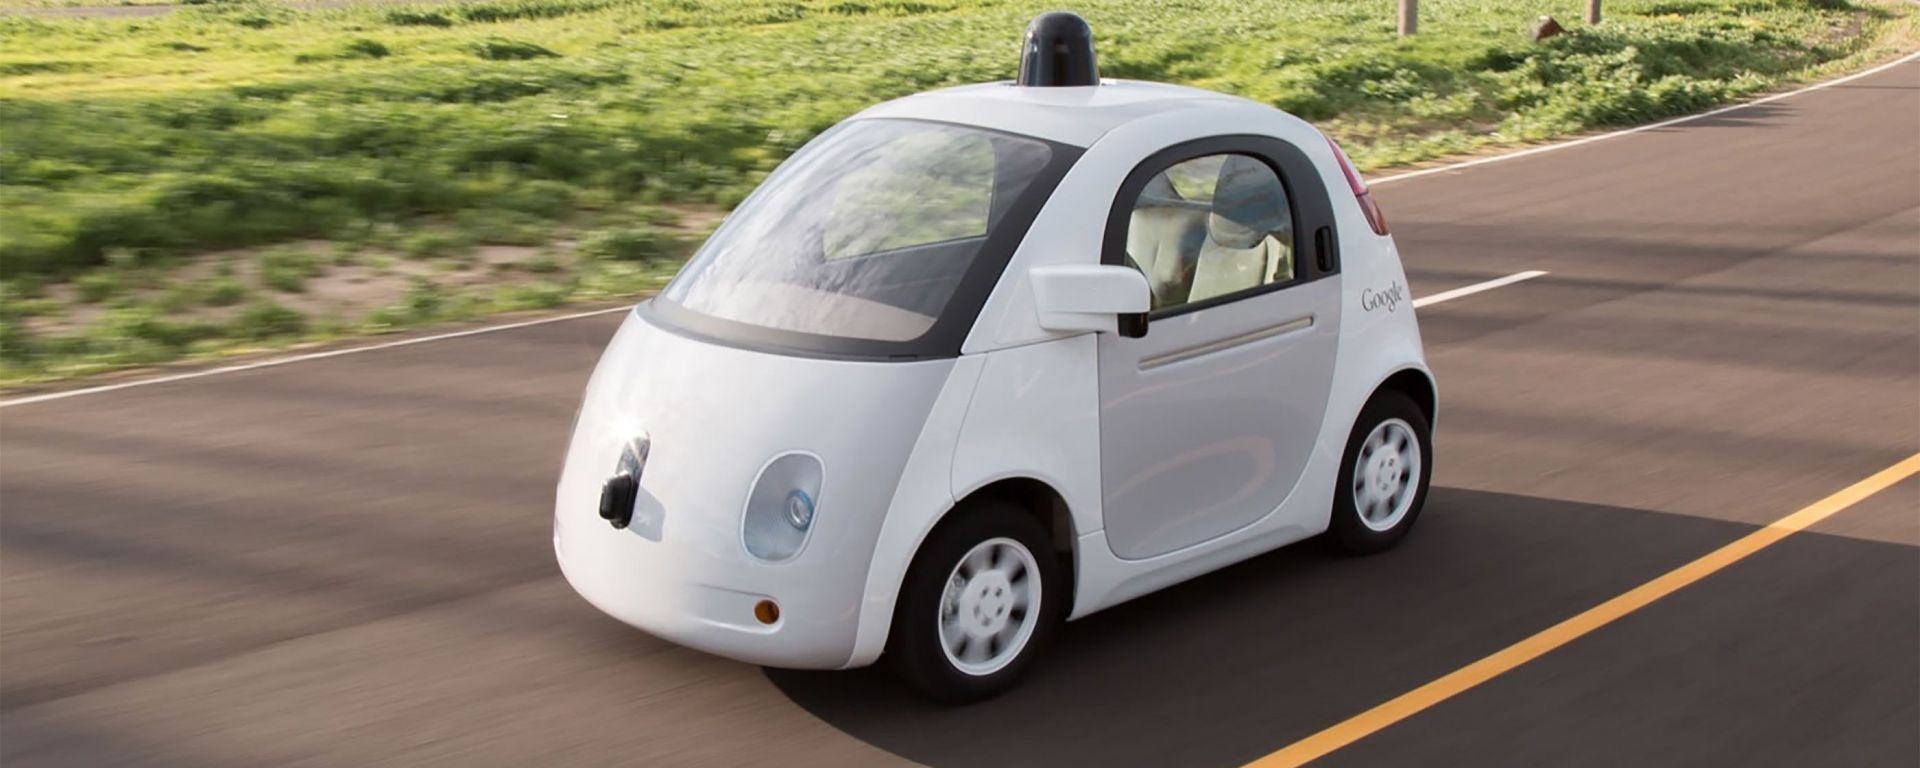 Google pronta ad abbandonare lo sviluppo dell'auto a guida autonoma per concentrarsi sul software